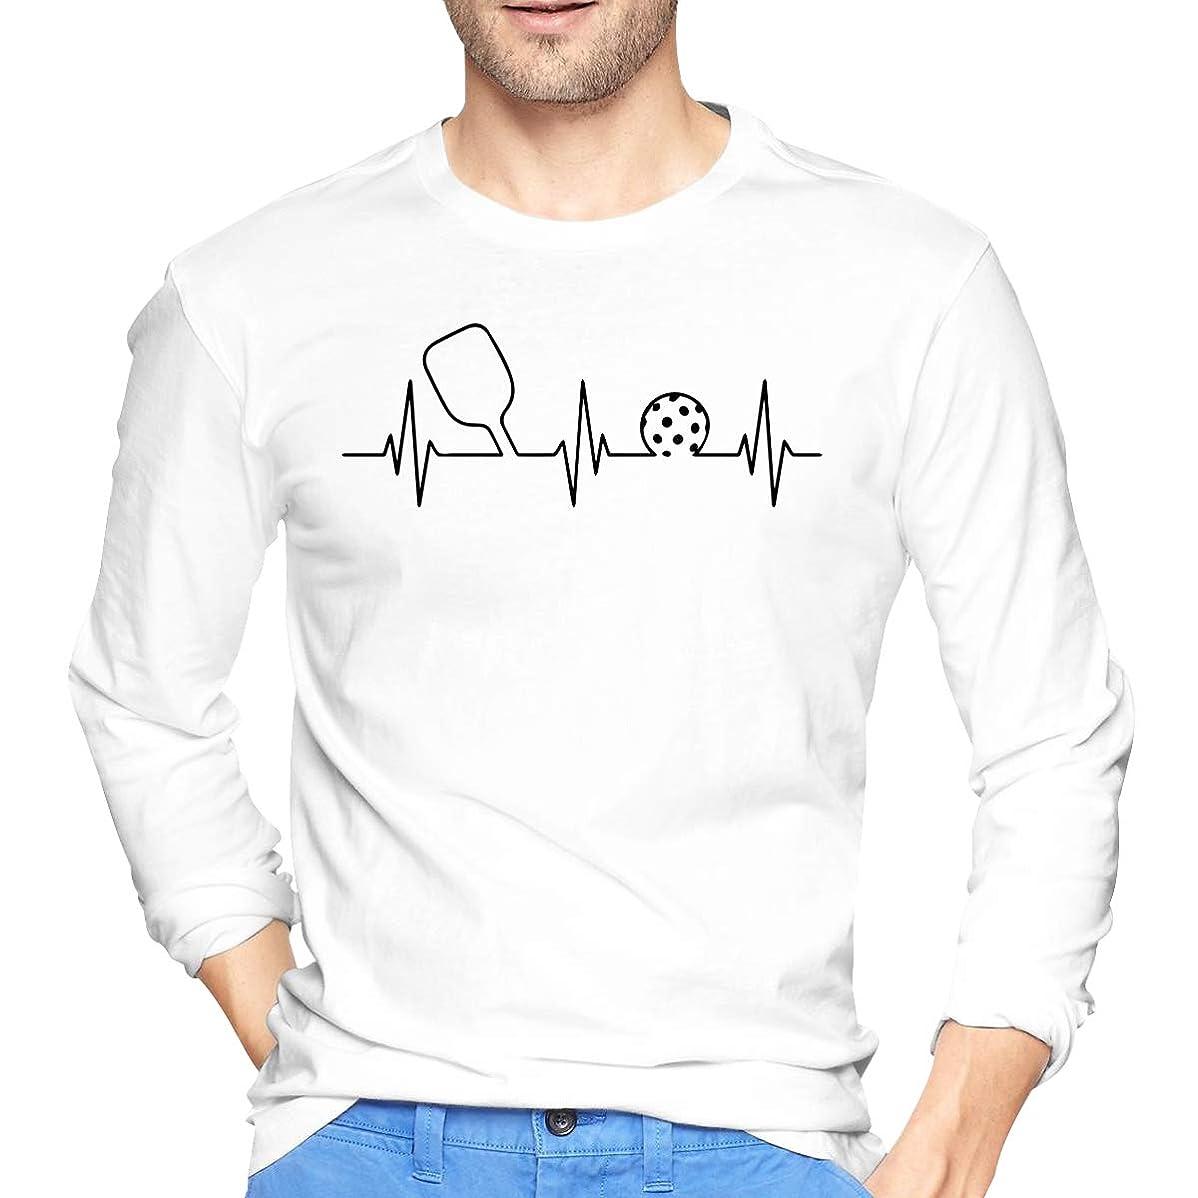 精緻化均等にギター男の 長袖 円襟 Tシャツ, 身に合う バックボールの心電図 純綿の 上着 対する 男